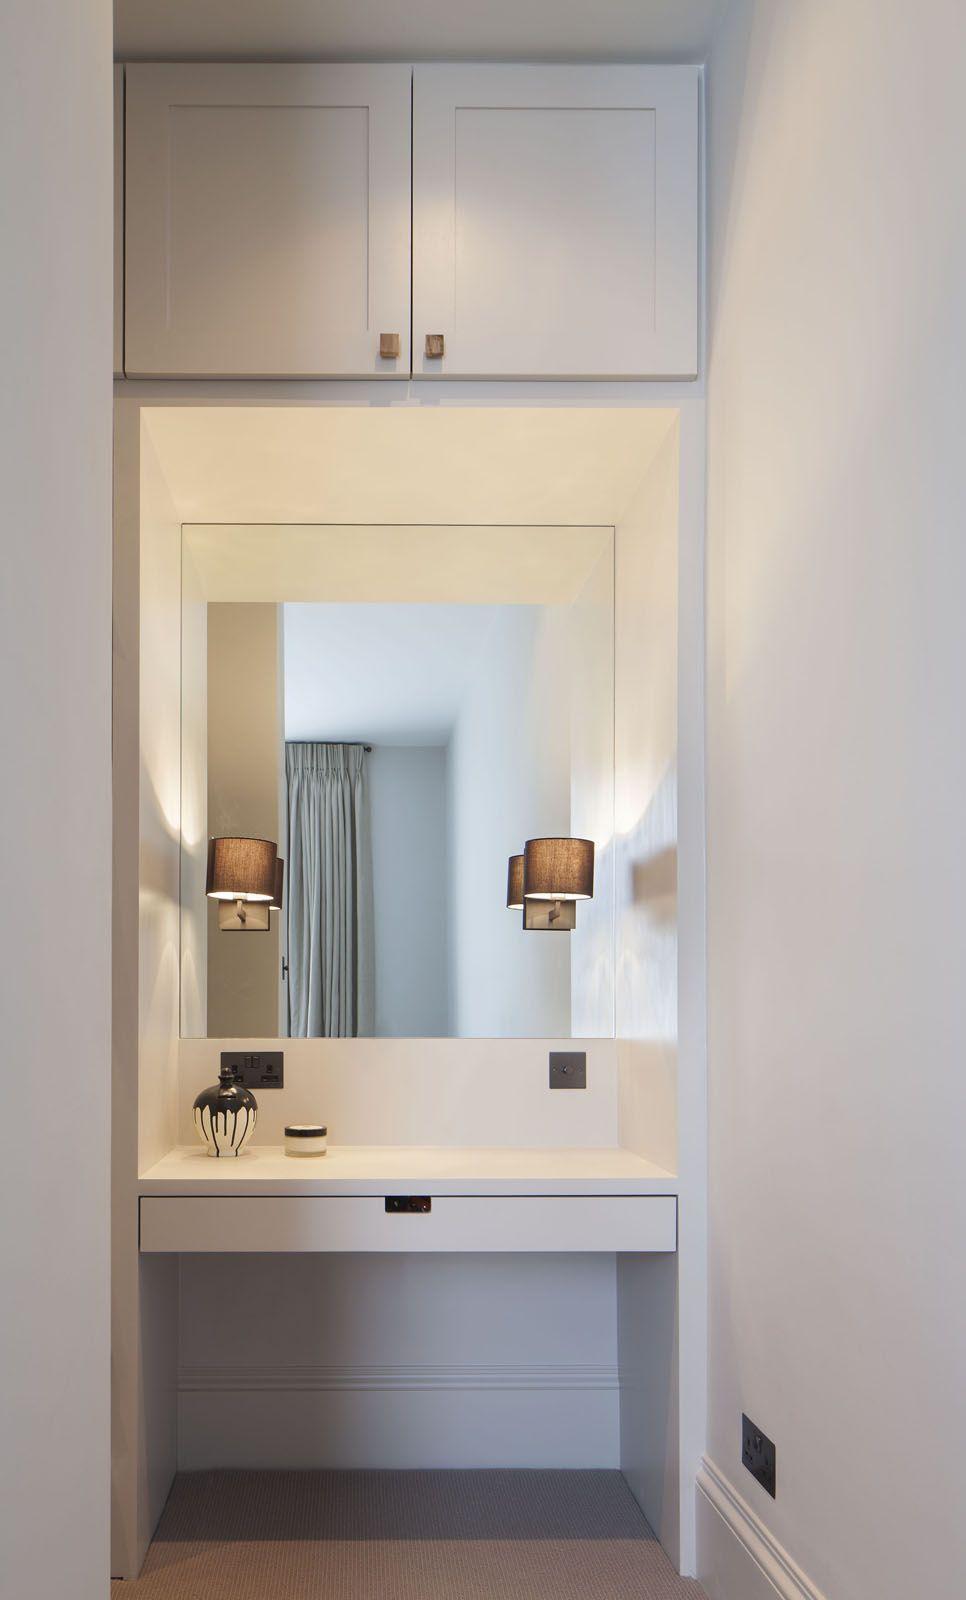 de rosee sa bassett road project decor pinterest schrank begehbarer kleiderschrank e. Black Bedroom Furniture Sets. Home Design Ideas